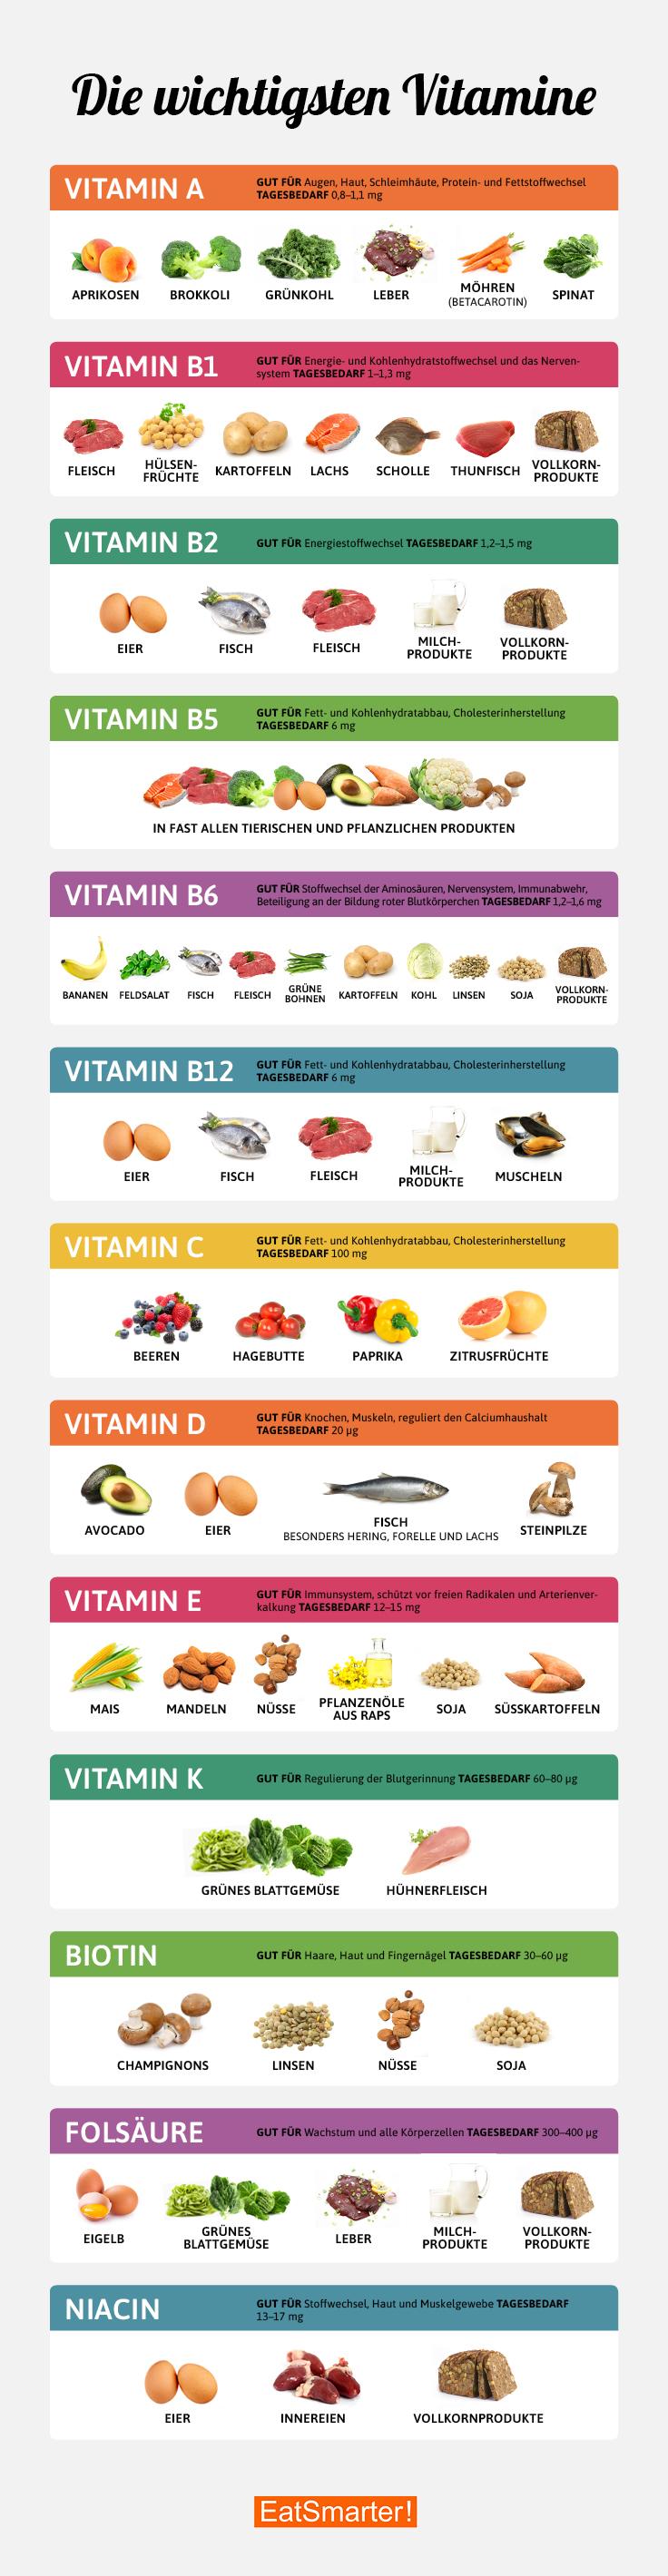 Wichtigste Vitamine